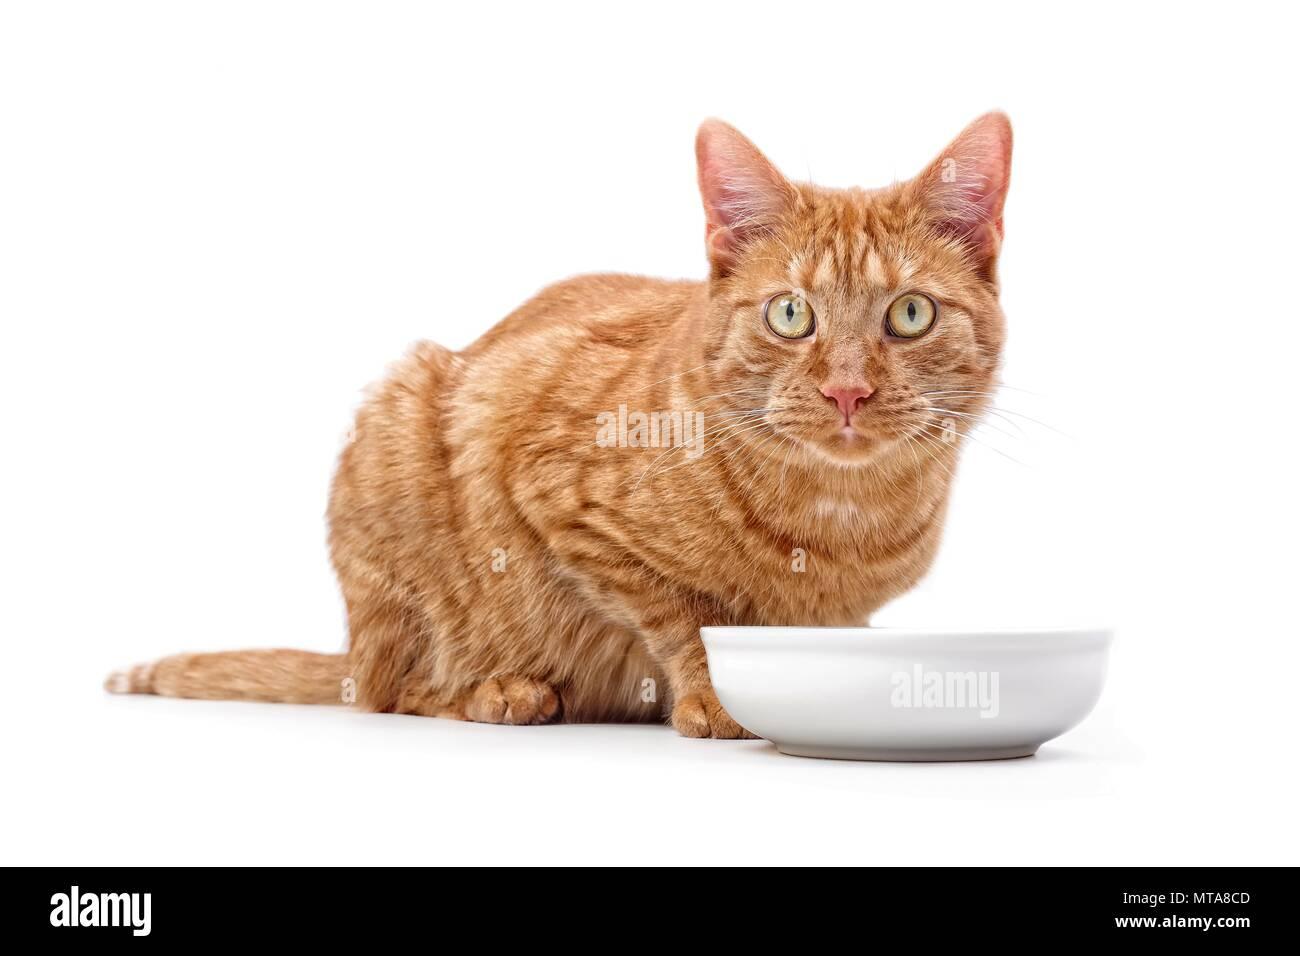 Lo zenzero cat seduti intorno a una ciotola di cibo e guardando la telecamera - isolato su bianco. Immagini Stock